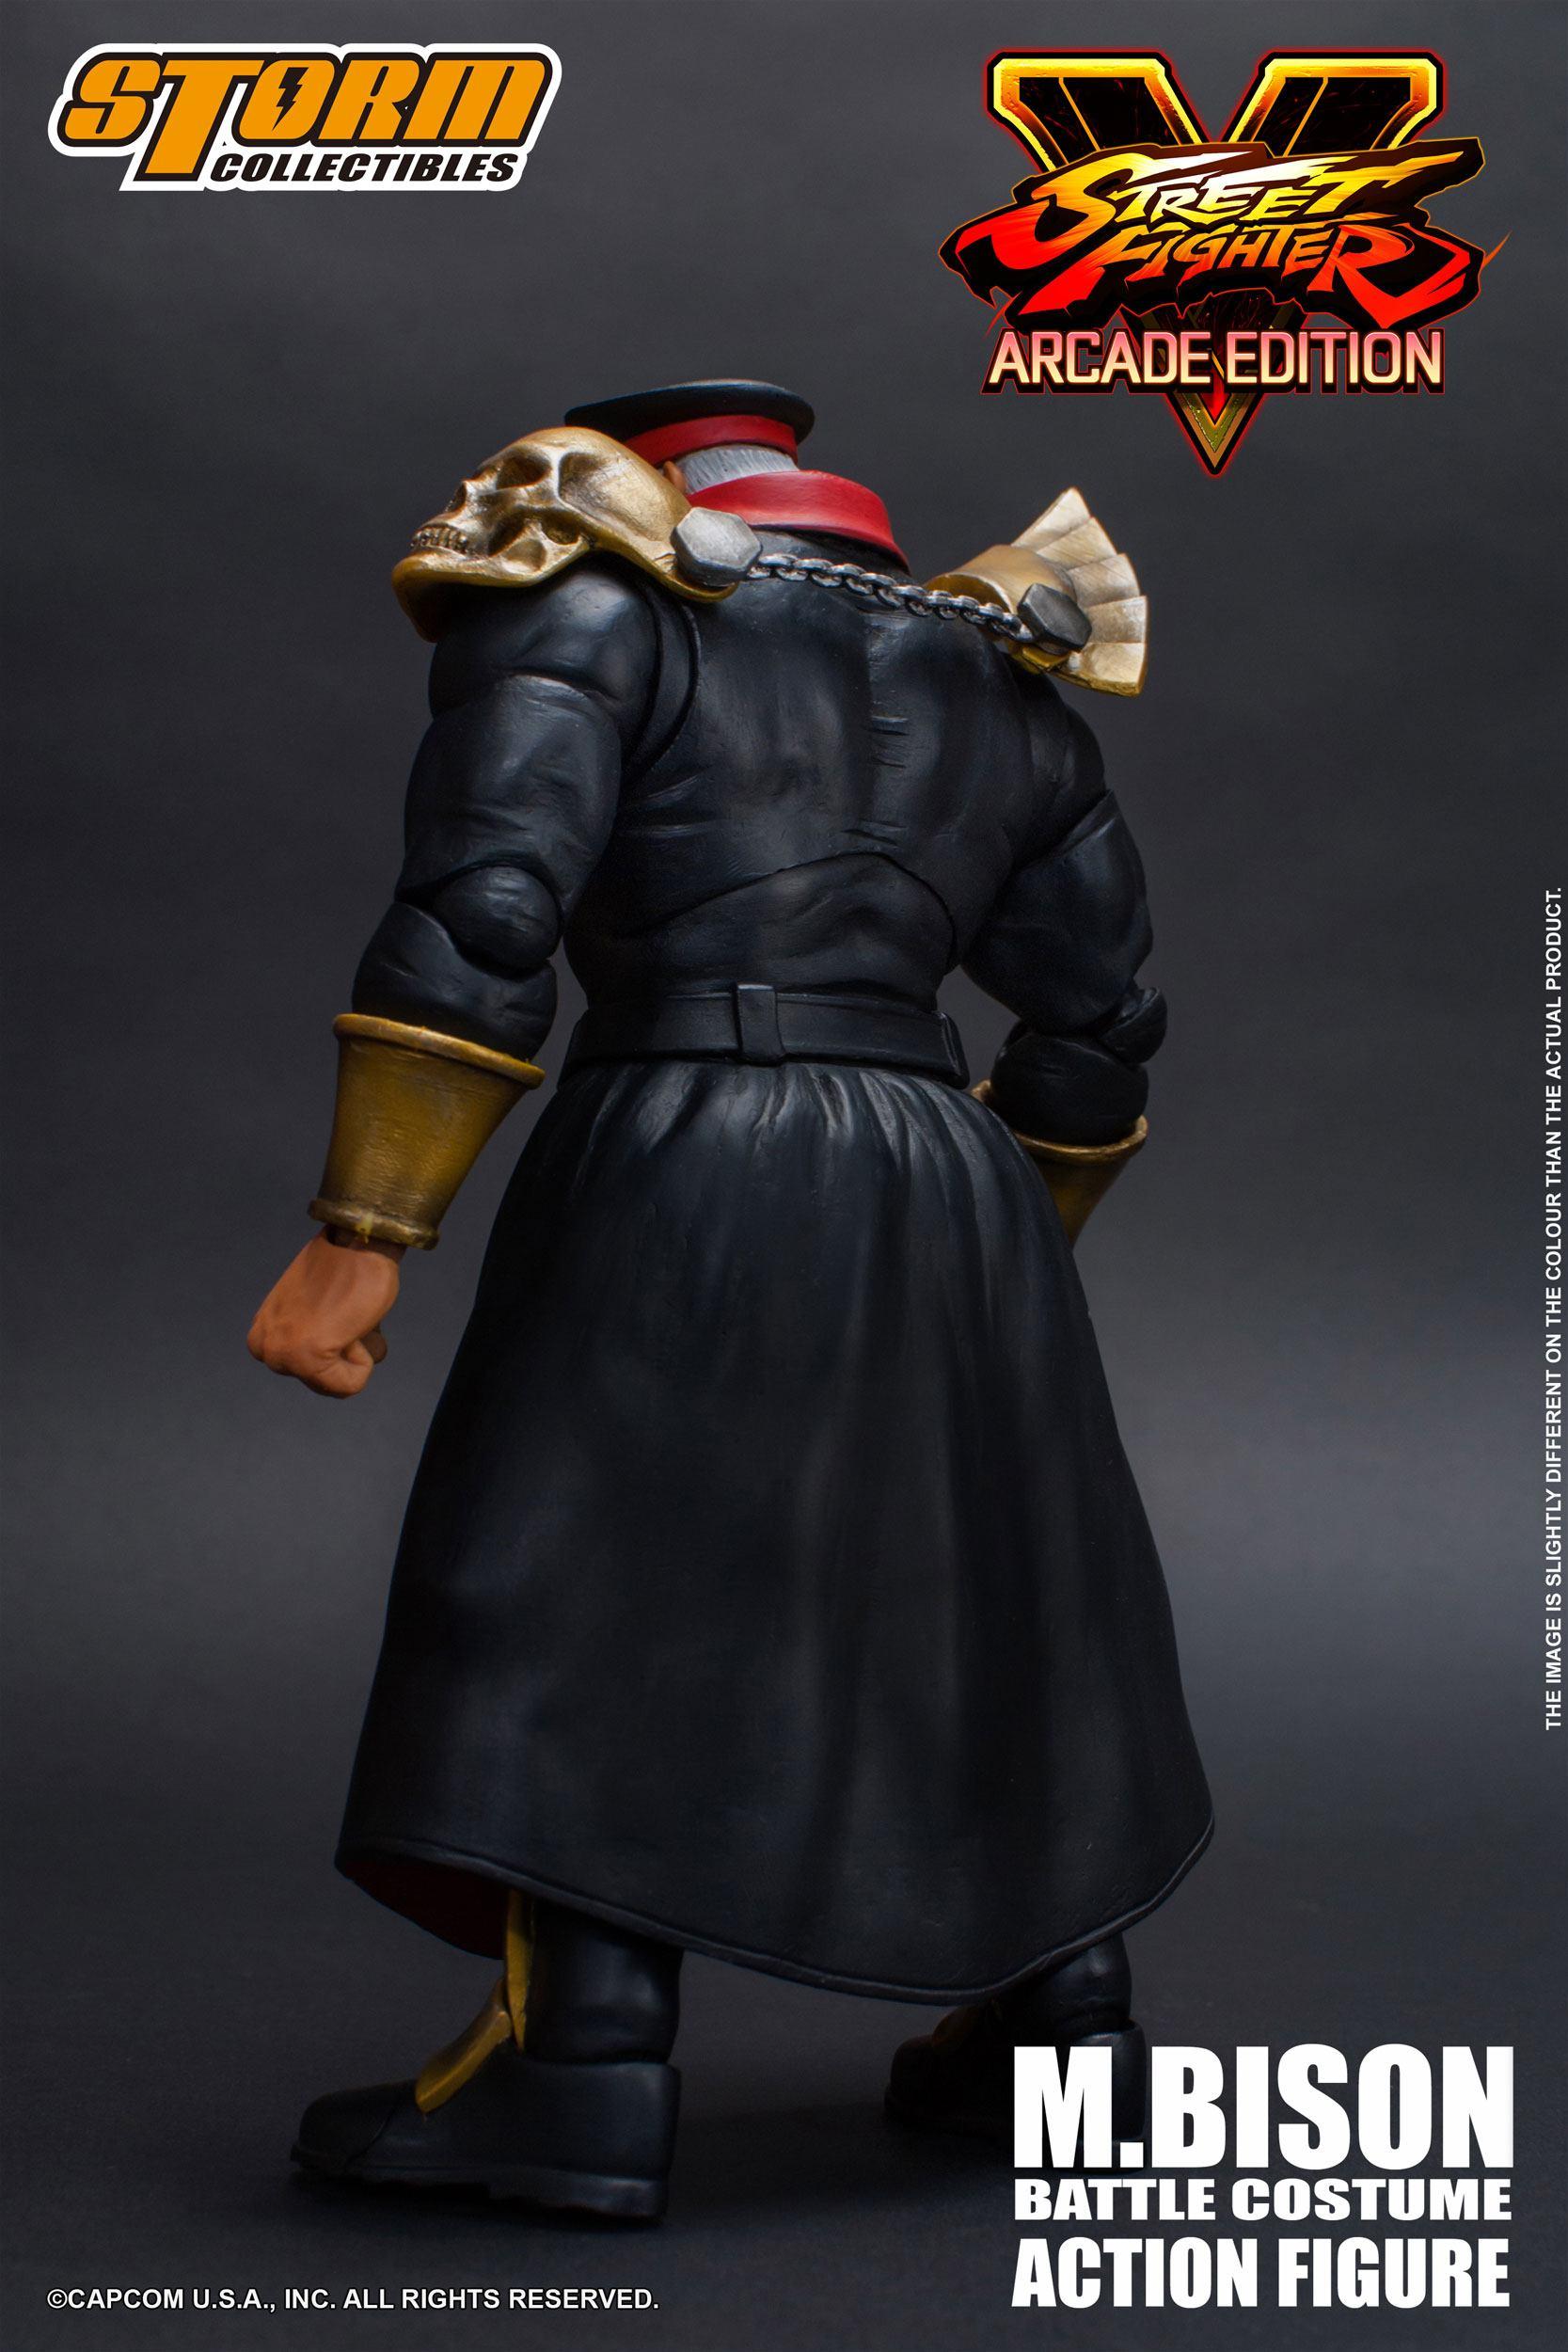 Street Fighter V Arcade Edition Action Figure 1 12 M Bison Battle